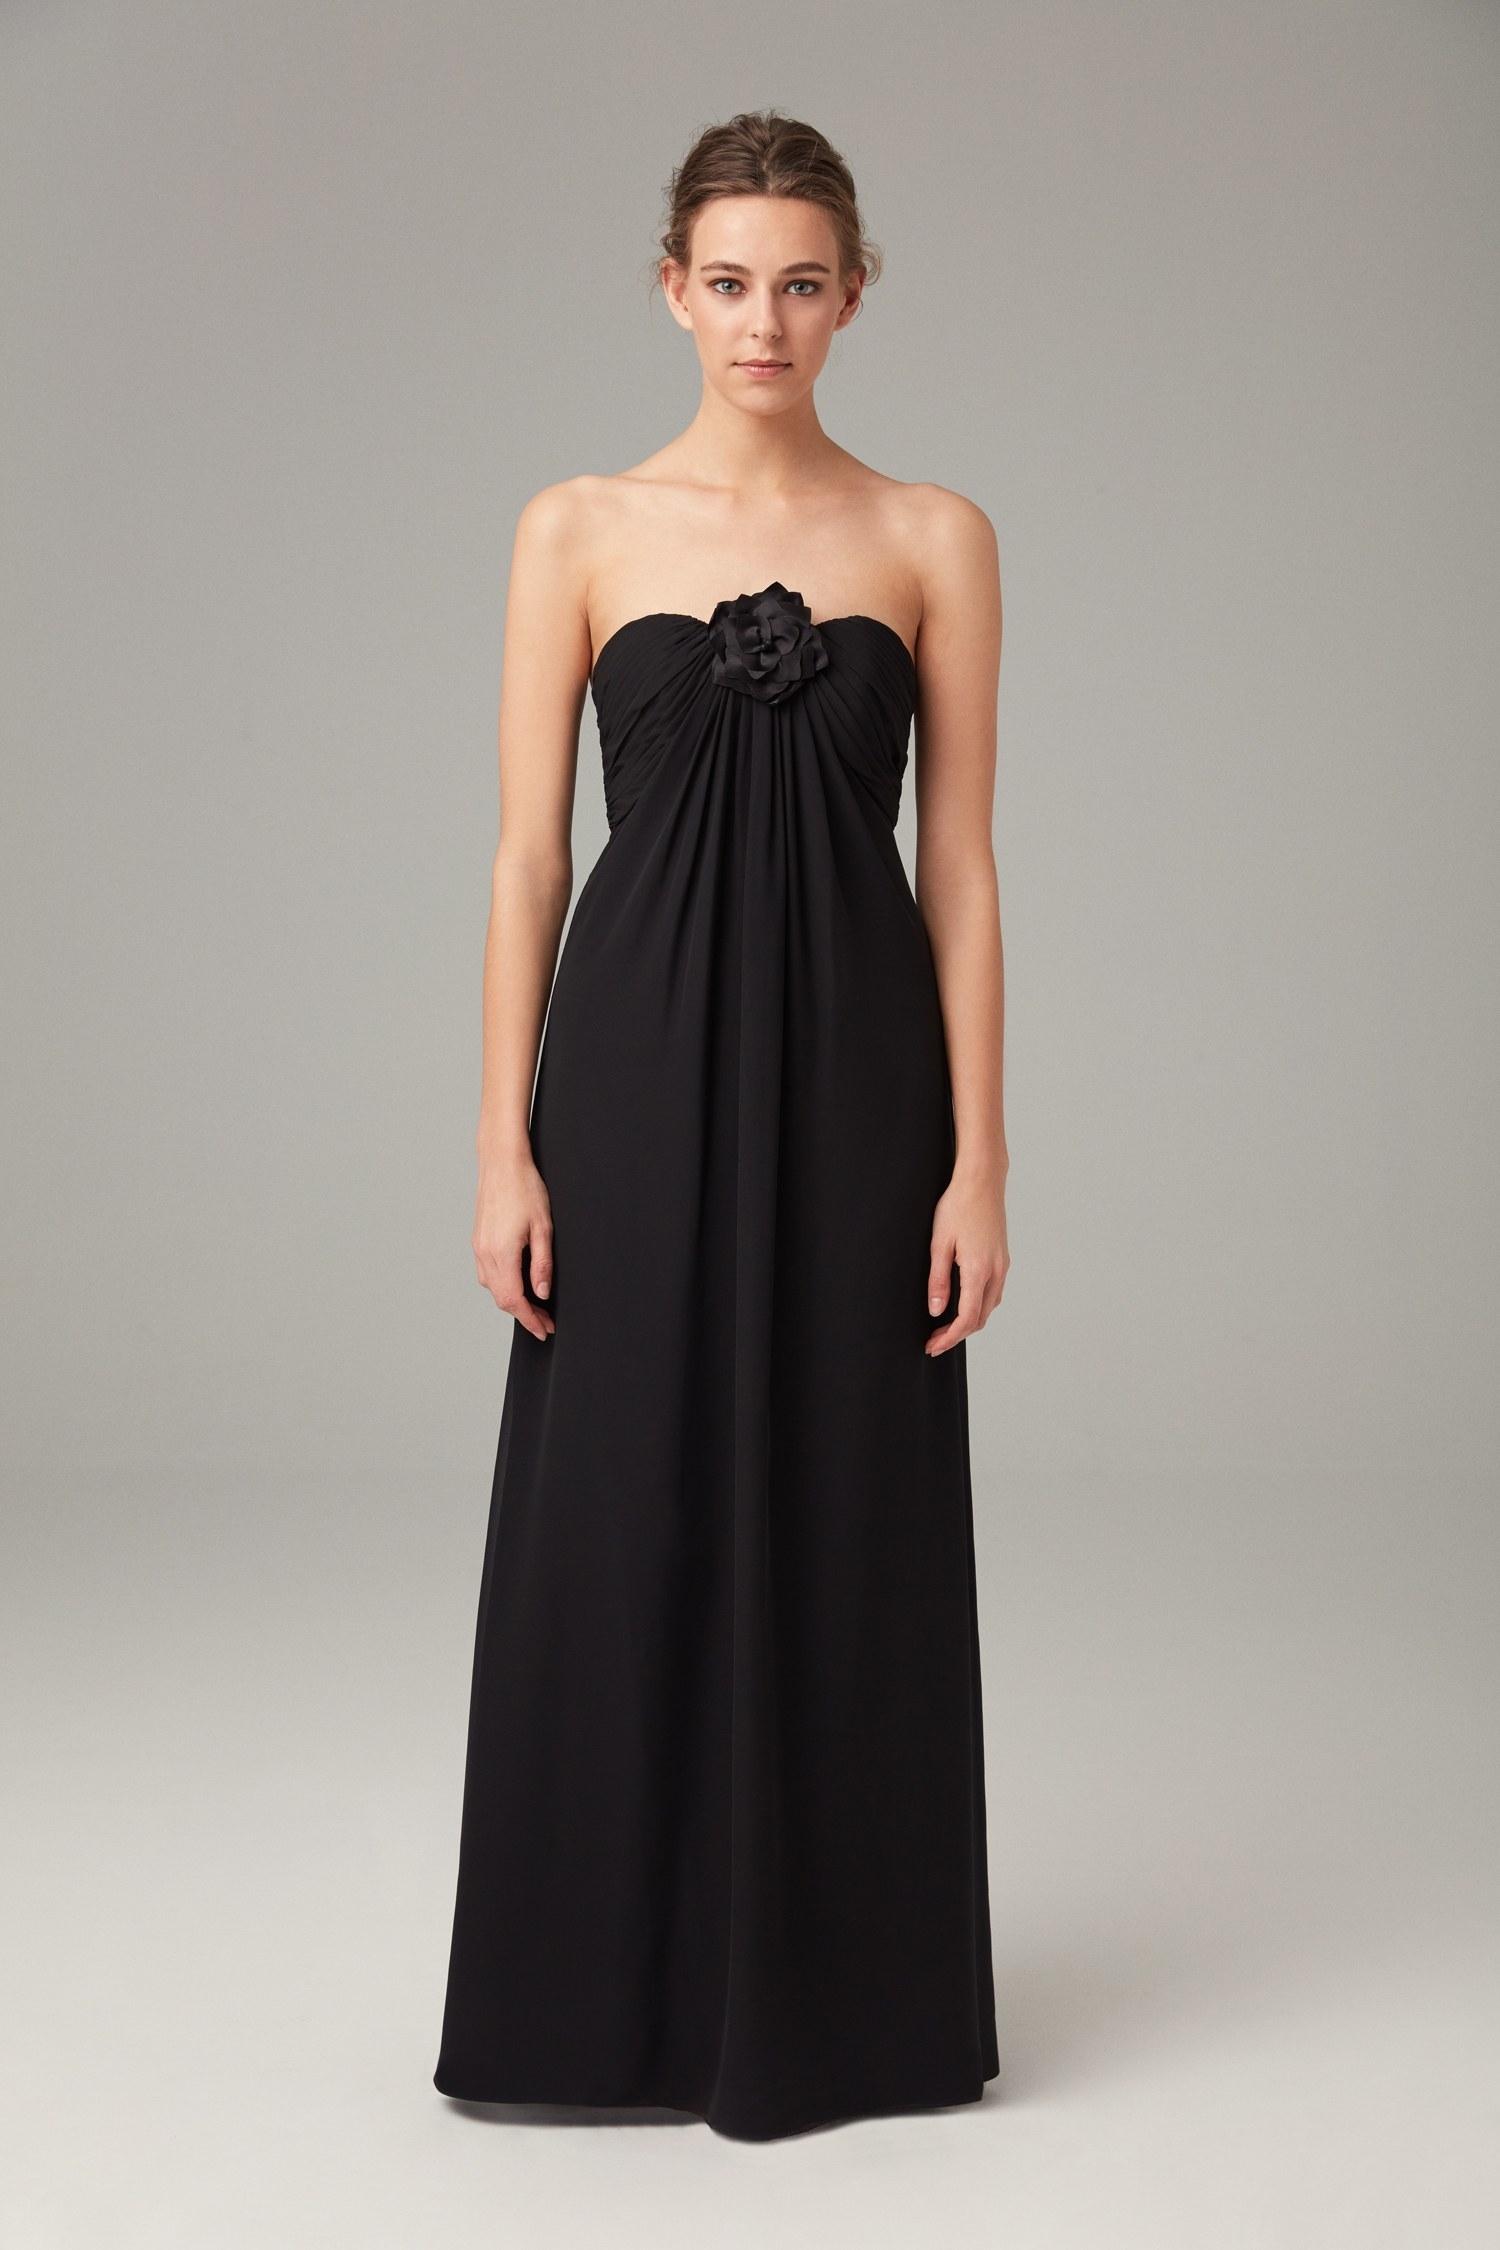 0fcebb459de0c Siyah Straplez Şifon Uzun Gece Elbisesi – Oleg Cassini